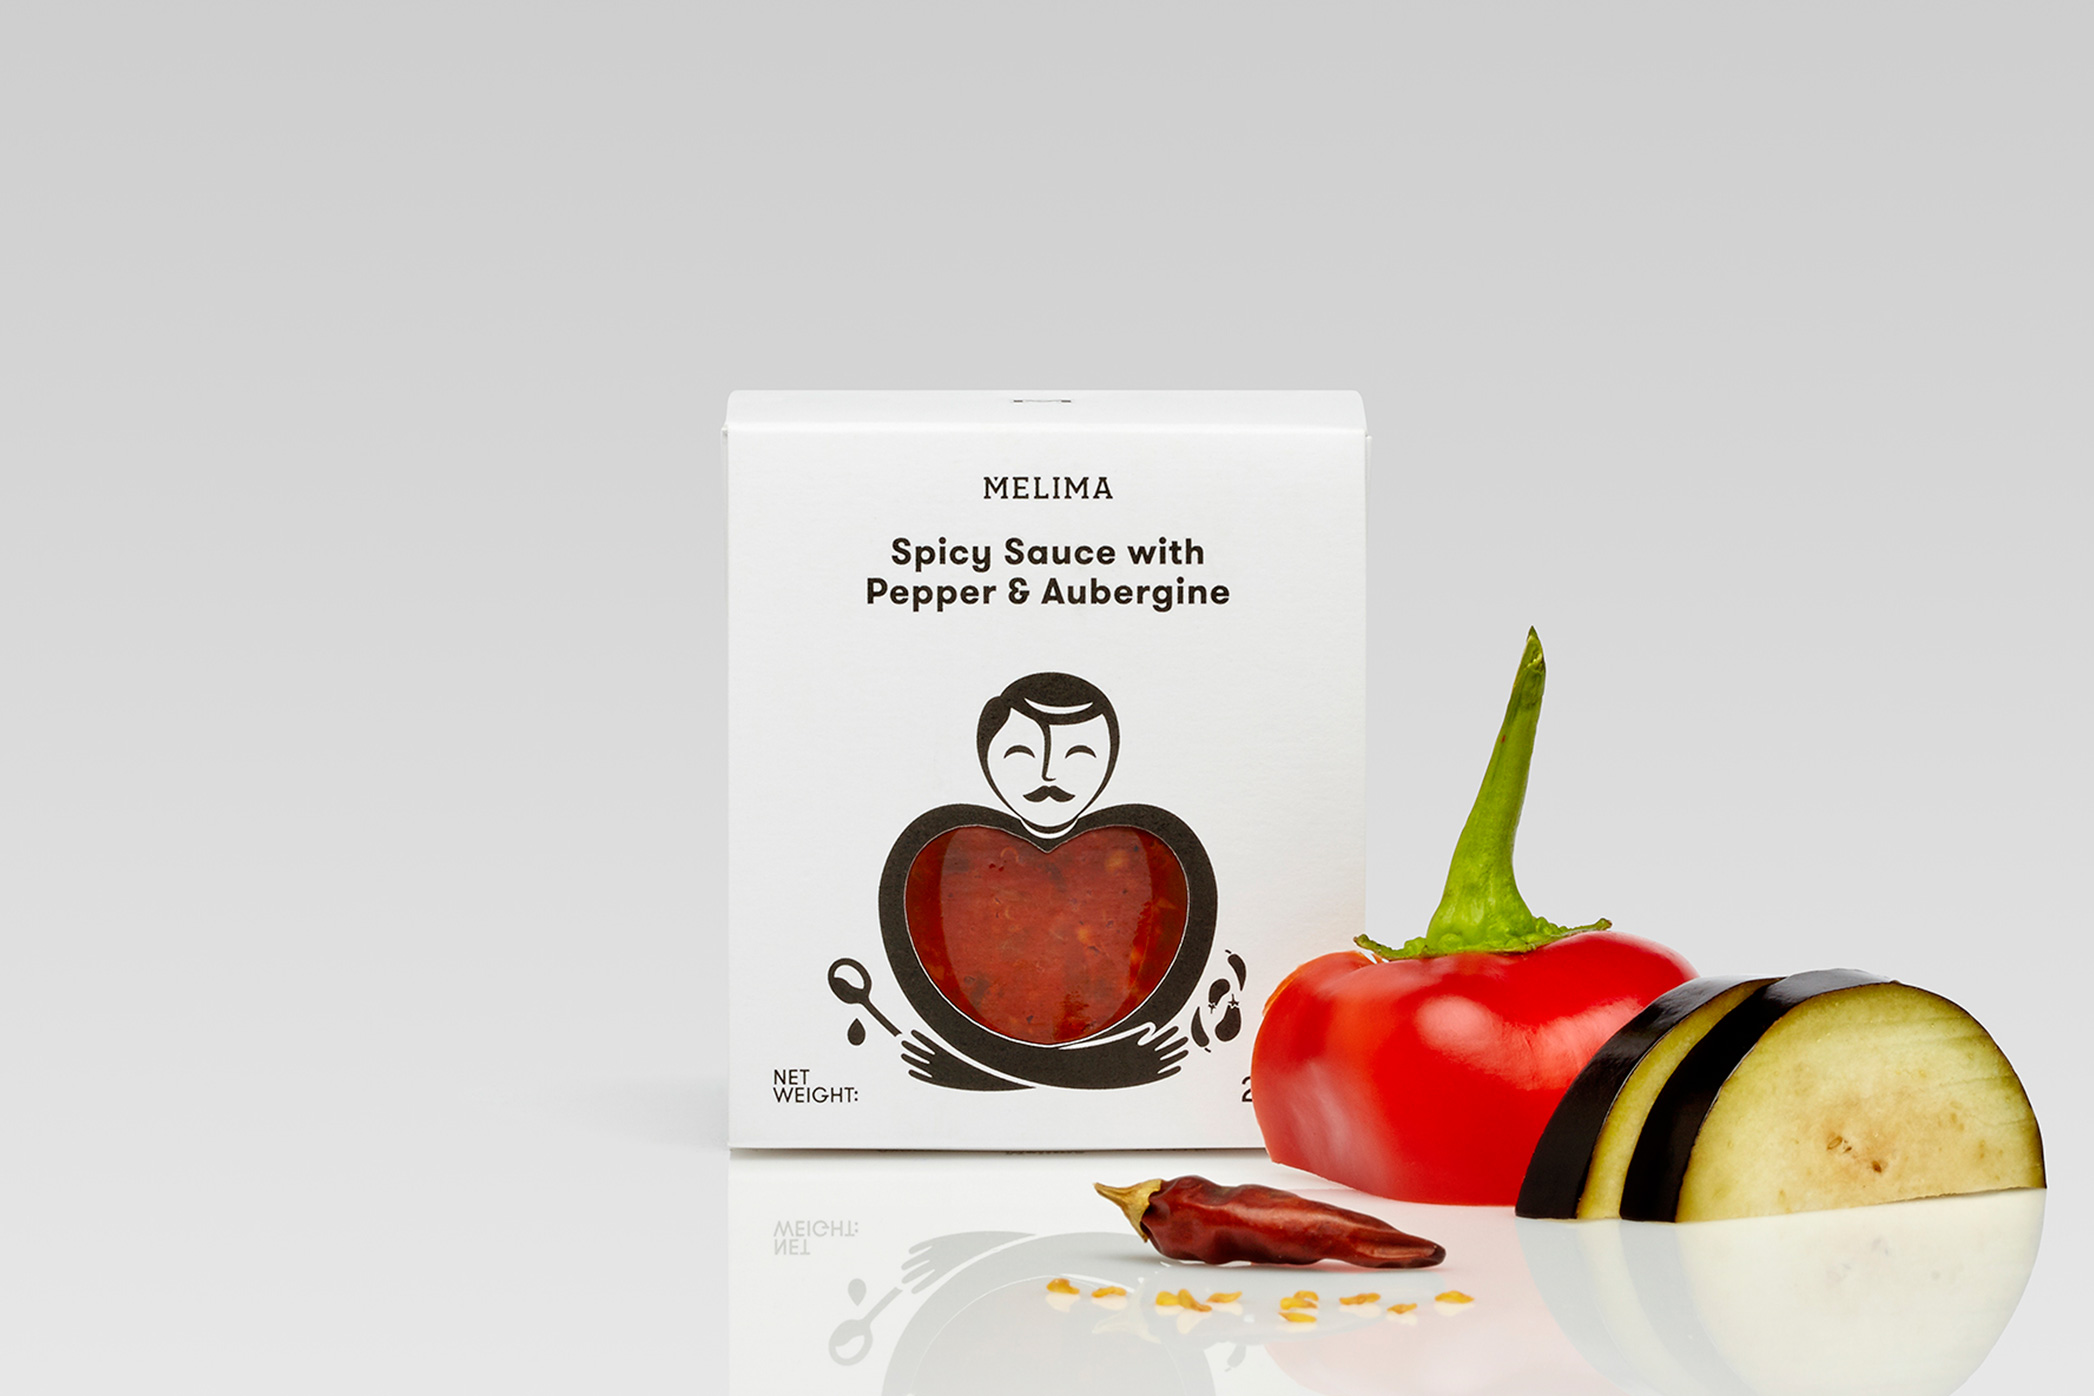 Καυτερή Σάλτσα Κόκκινης Πιπεριάς & Μελιτζάνας